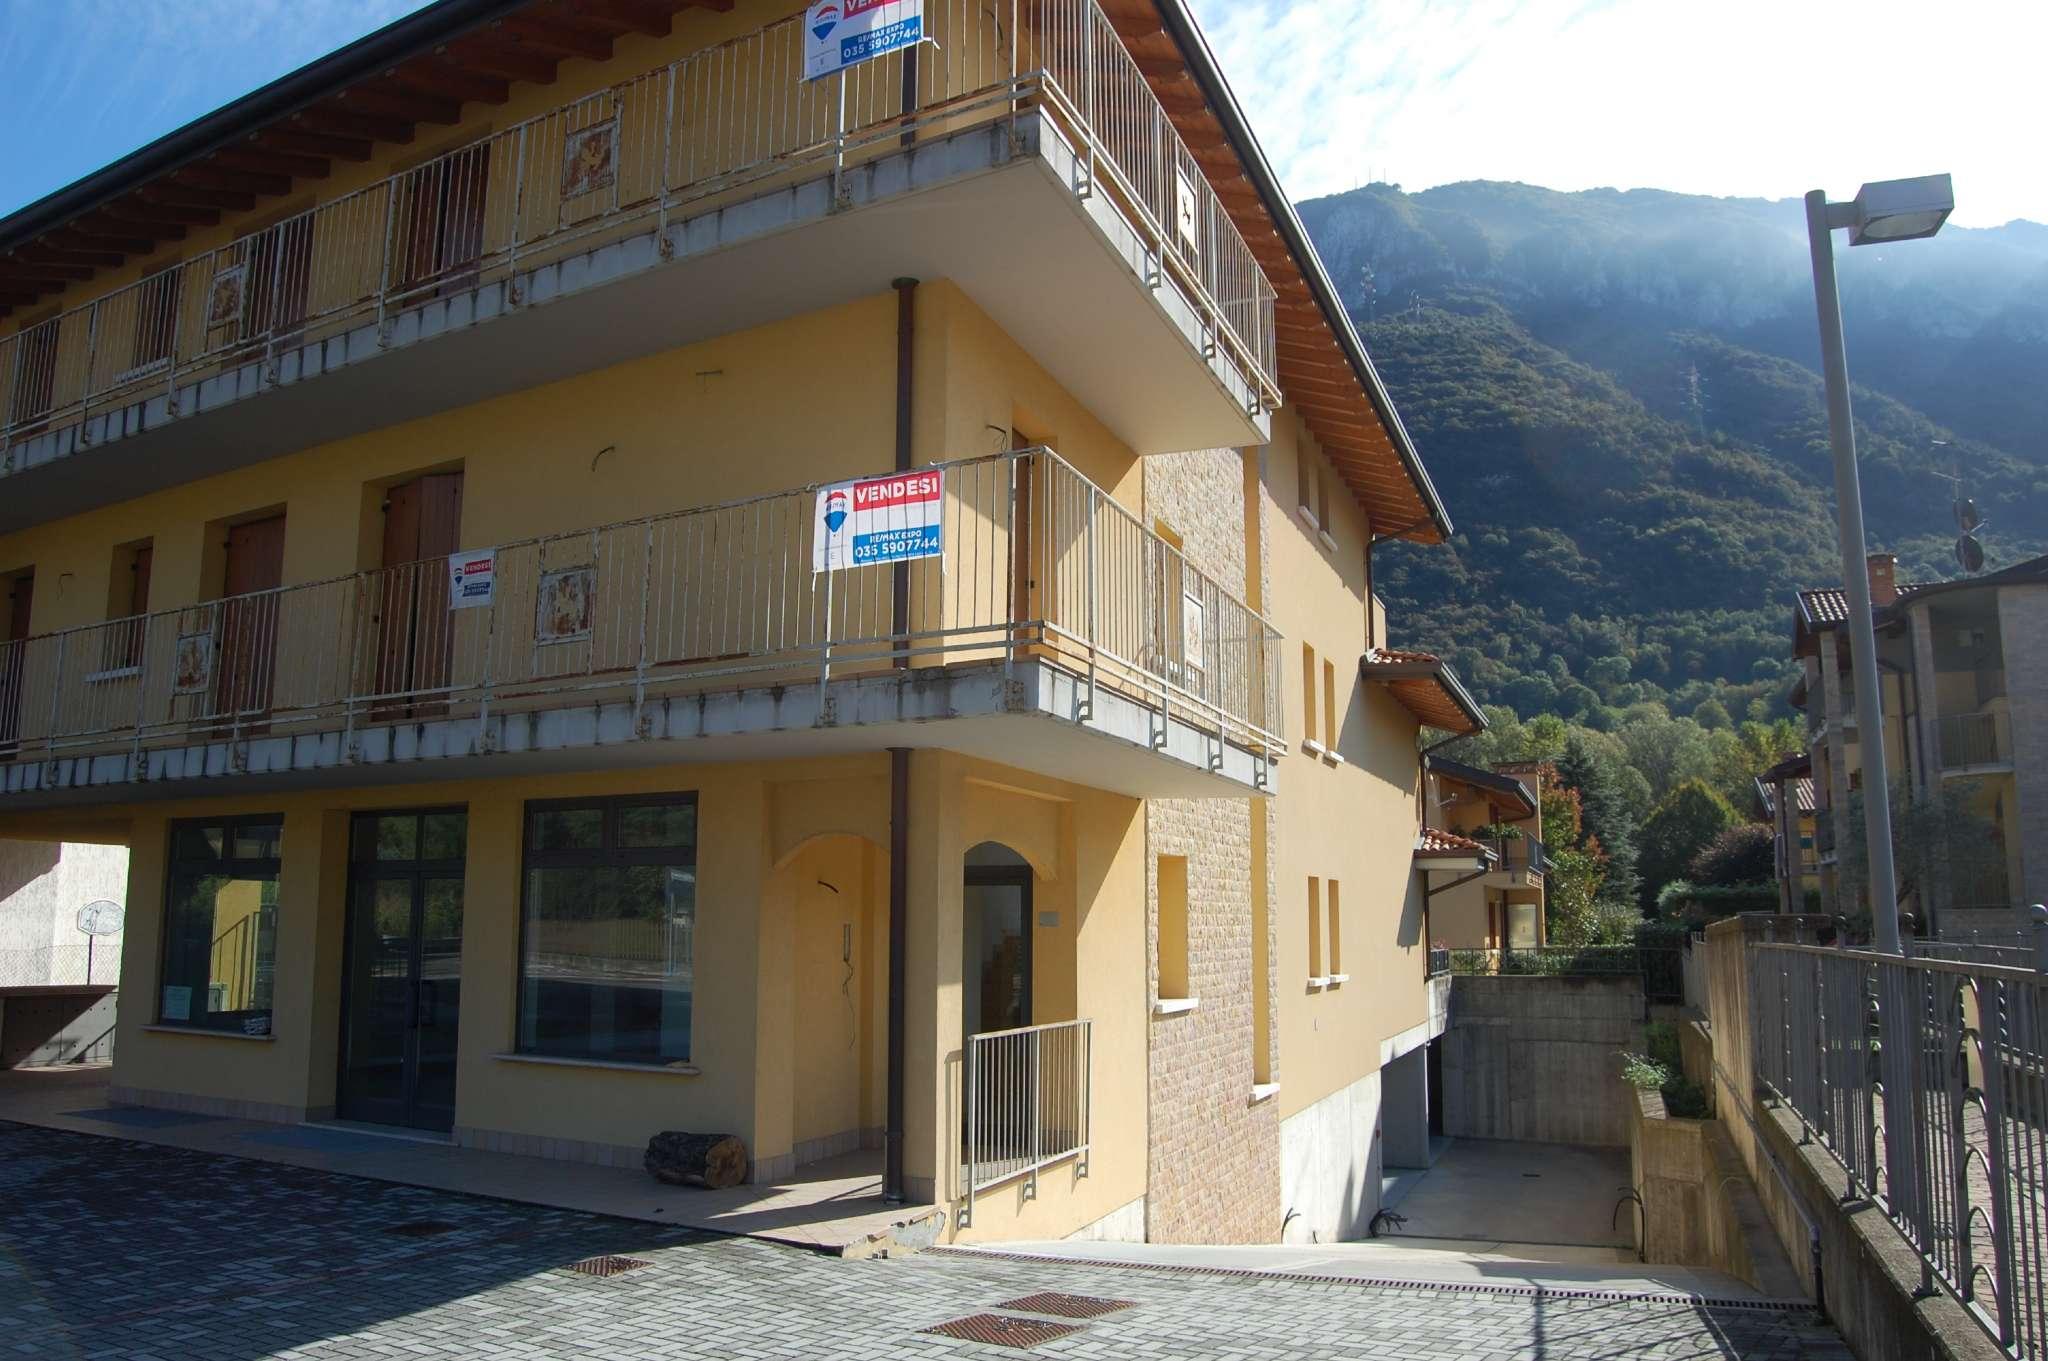 Appartamento in vendita a Casazza, 4 locali, prezzo € 139.000 | CambioCasa.it